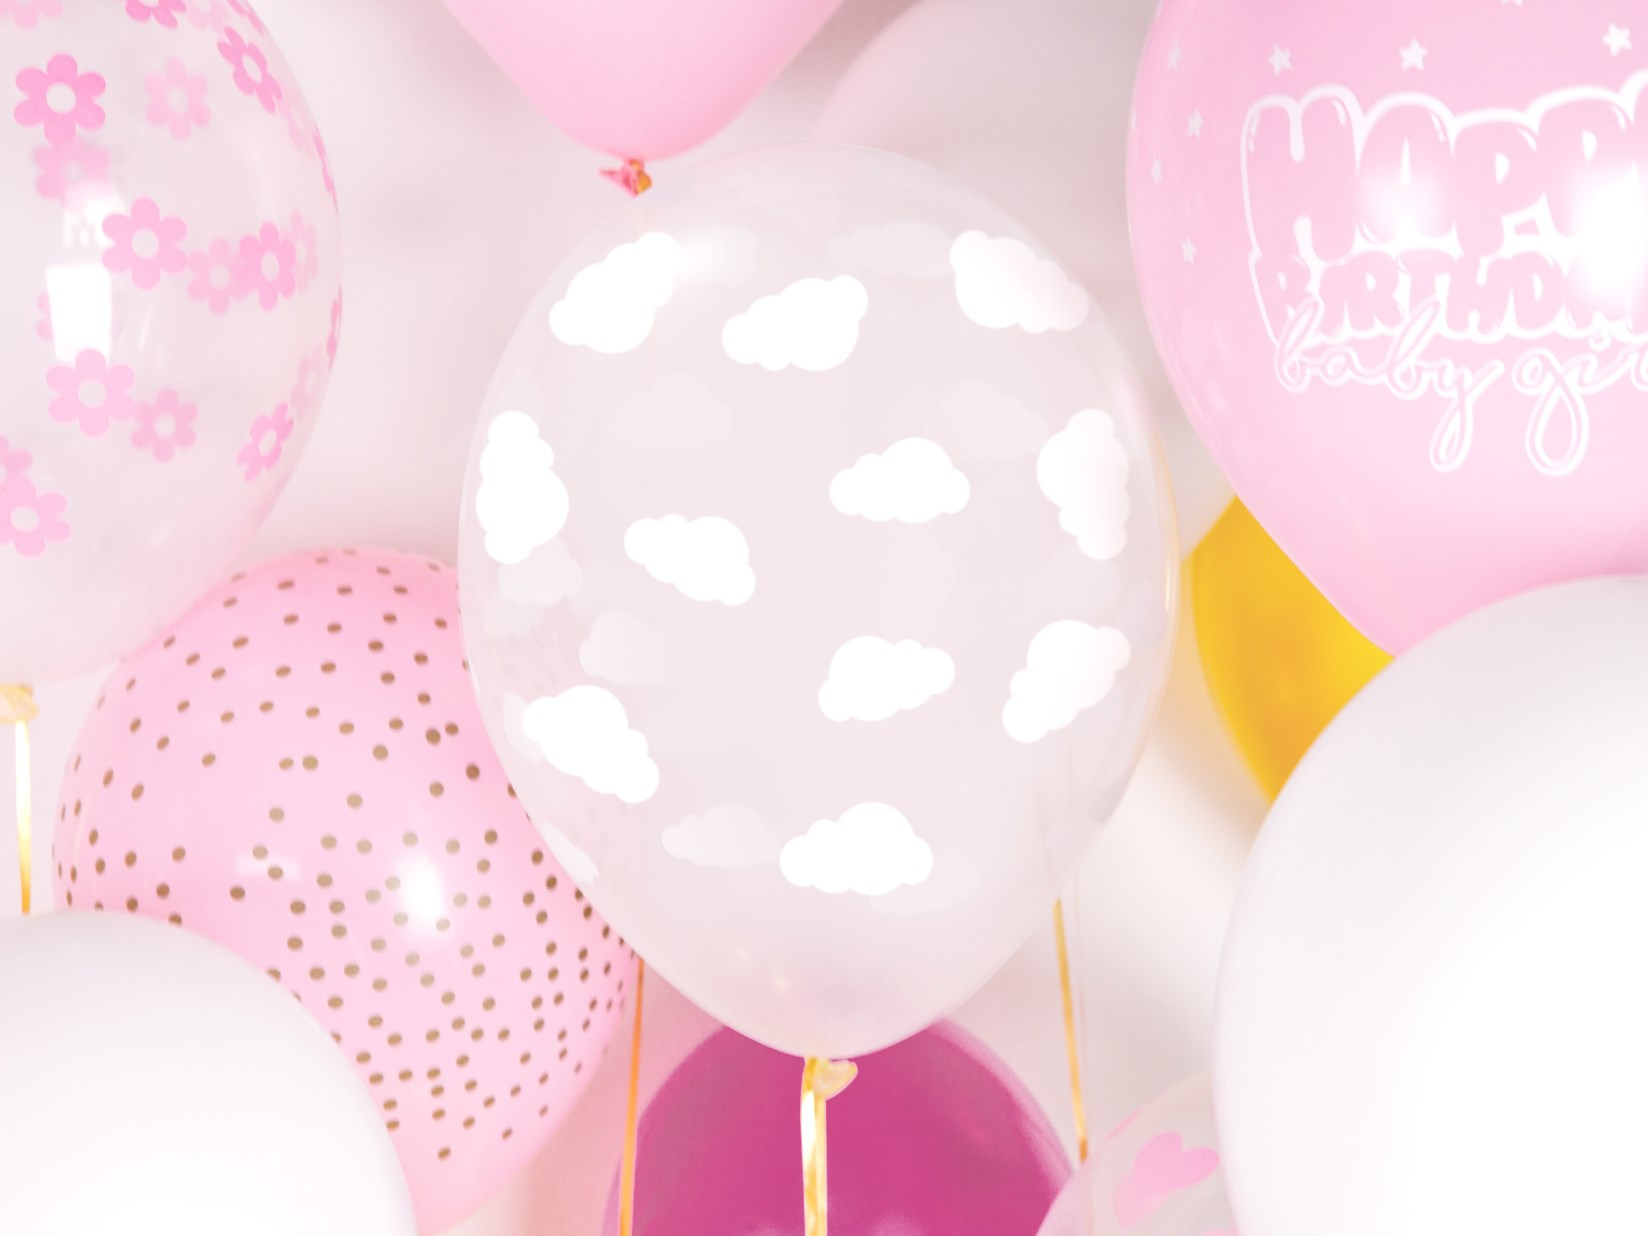 Μπαλόνια Latex Λευκά Συννεφάκια – 6 Τεμάχια